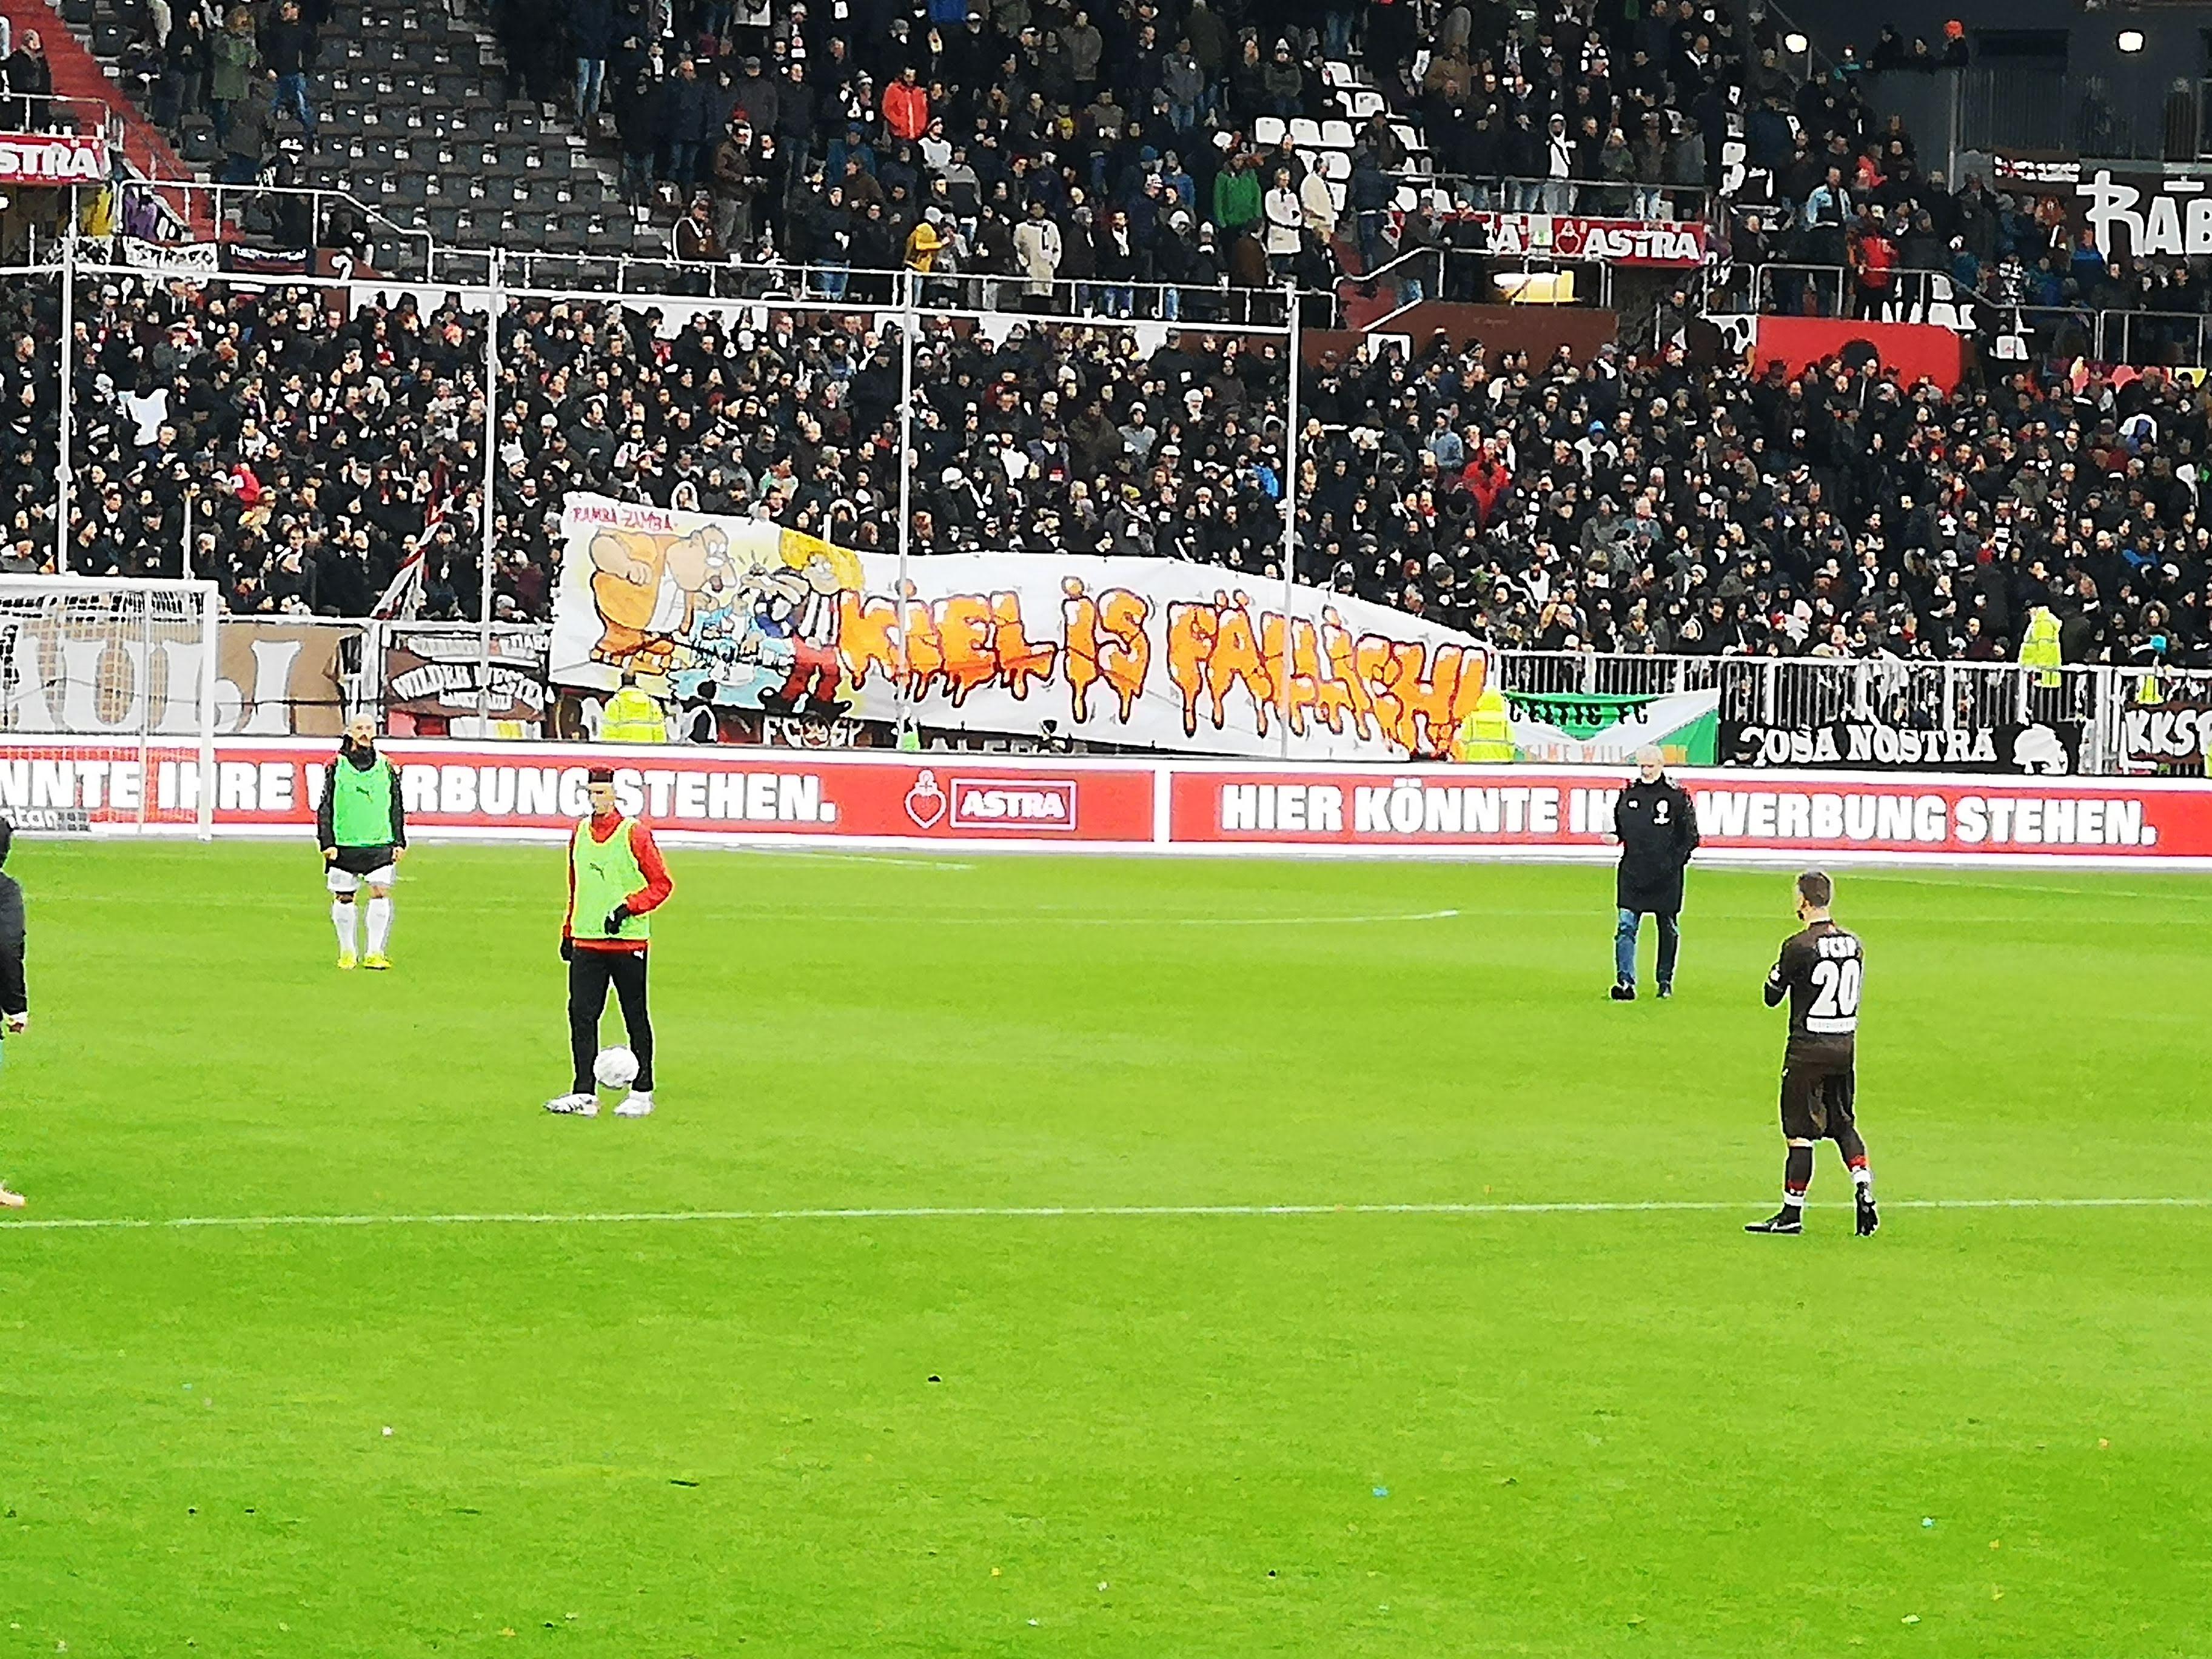 Millerntor.Hamburg: Nicht die hellsten Matrosen